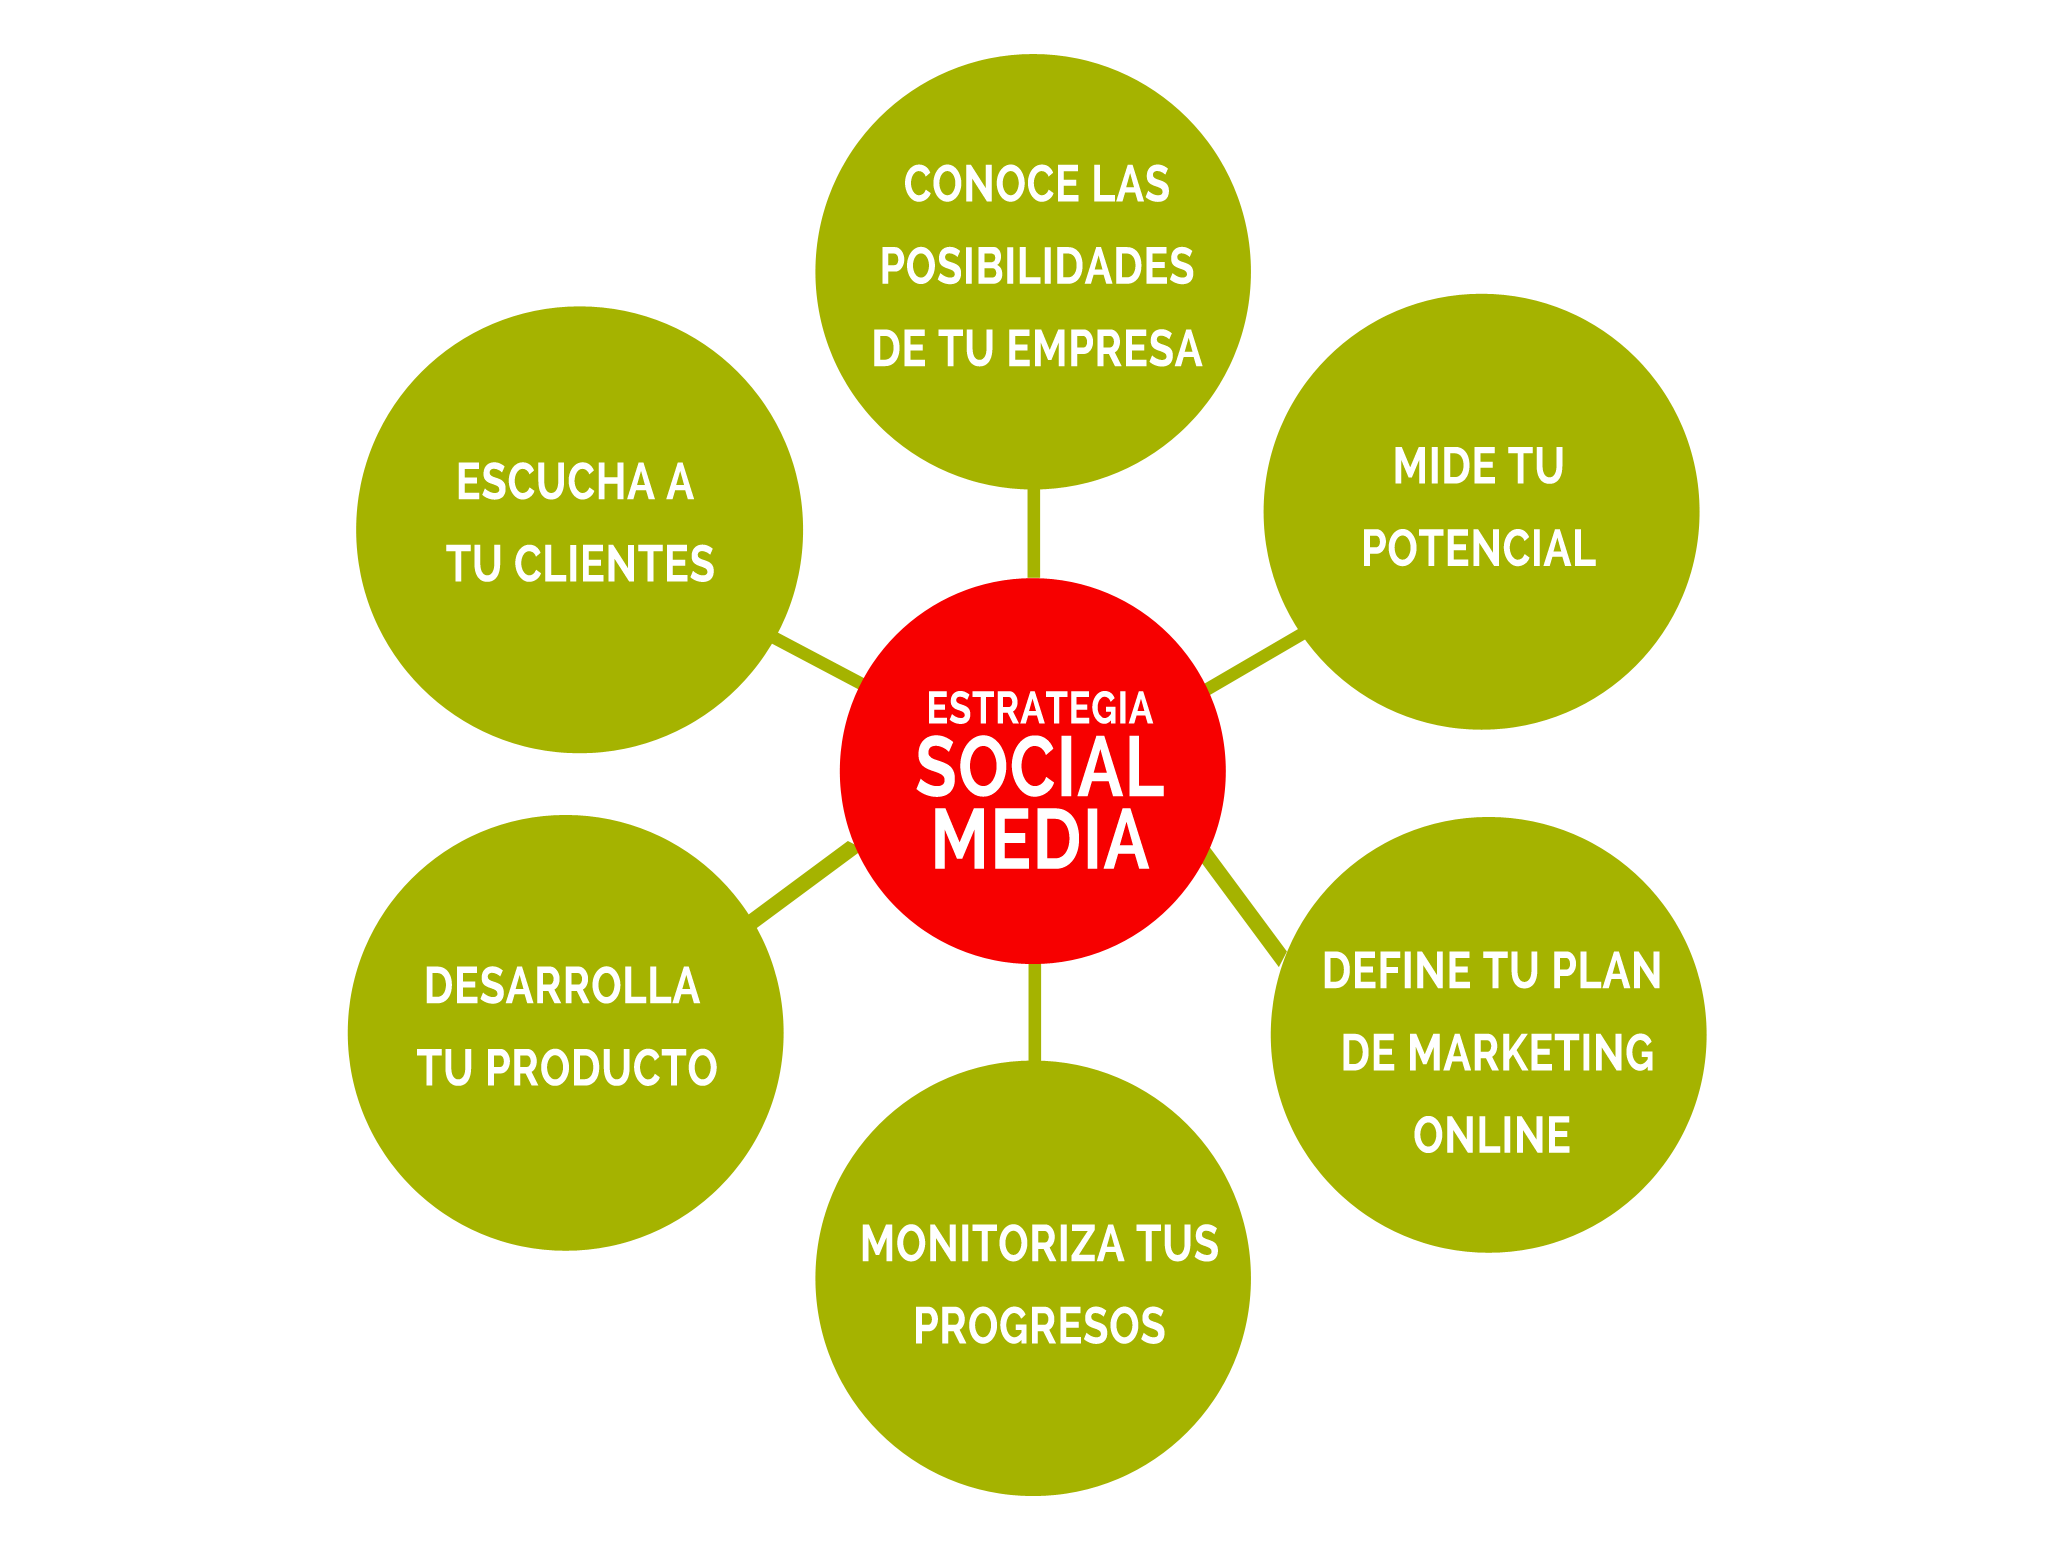 Servicio de community manager. Posicionamiento web Redes Sociales en Alcorcón. Diseñamos, creamos, dinamizamos y mantenemos tus cuentas sociales.